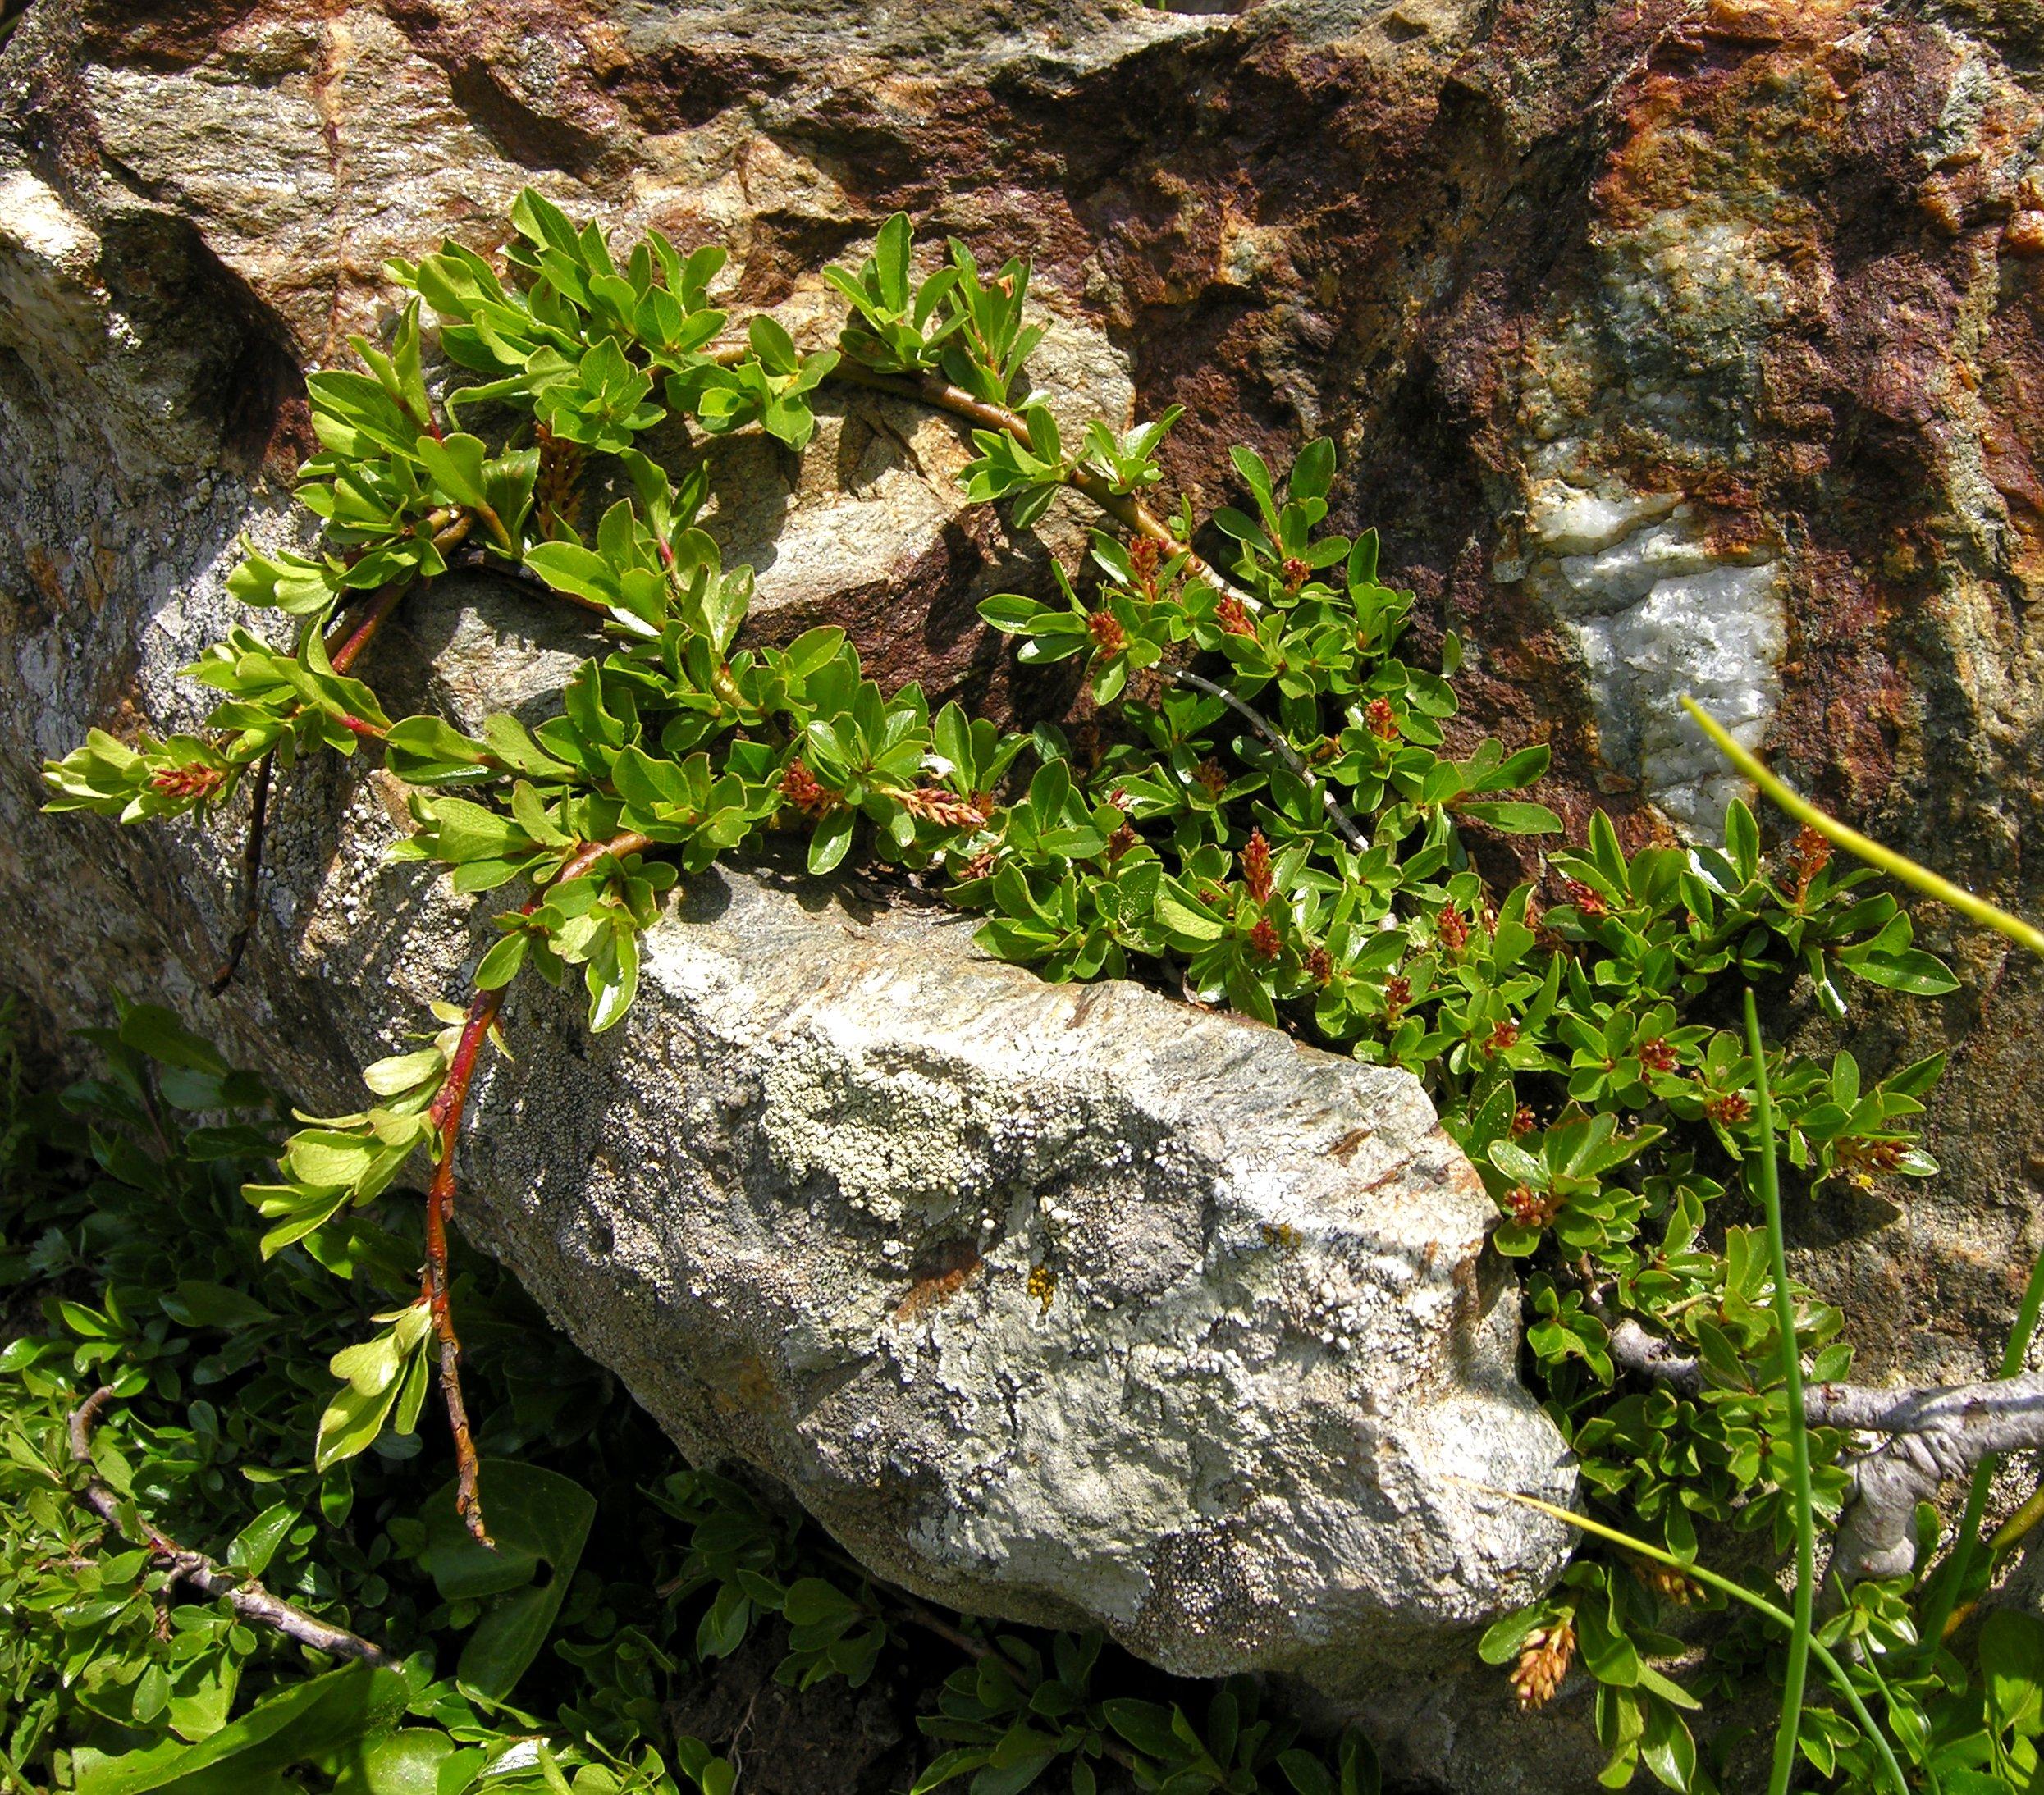 © Dipartimento di Scienze della Vita, Università degli Studi di Trieste<br>by Andrea Moro<br>Comune di Trento, Orto Botanico del Monte Bondone., TN, Trentino  Alto- Adige, Italia, 12/06/2006<br>Distributed under CC-BY-SA 4.0 license.